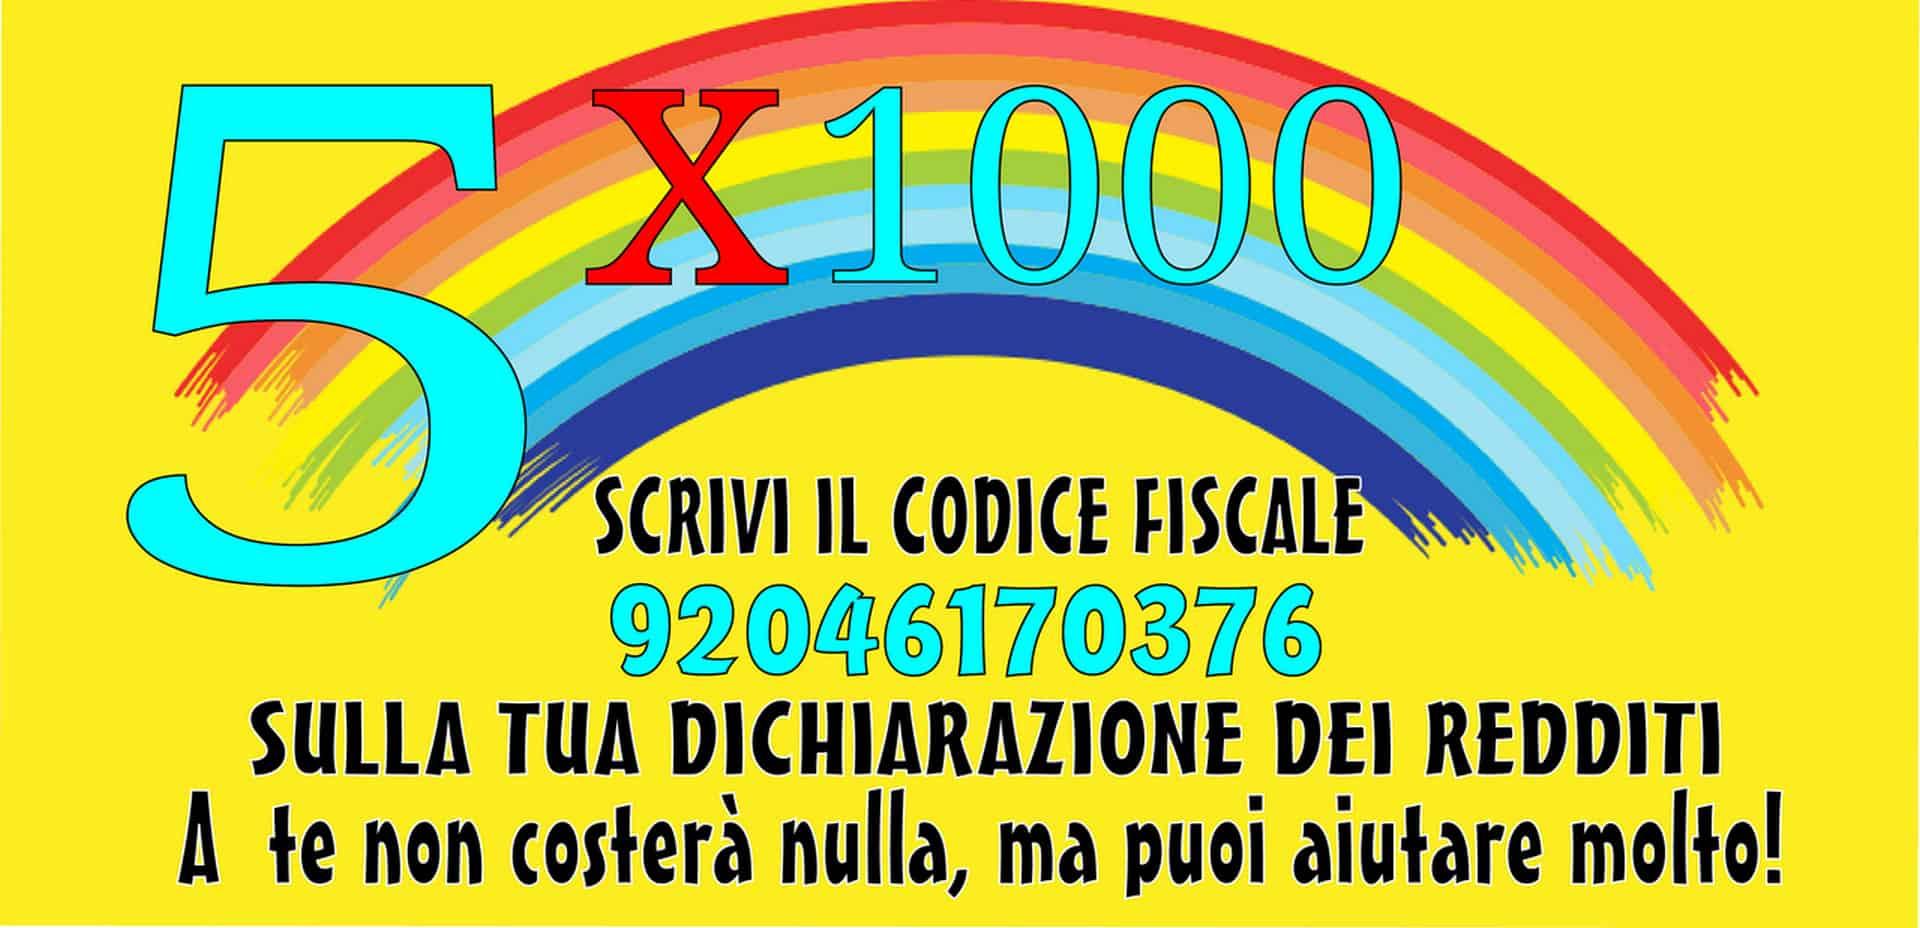 5x1000 AVPCM